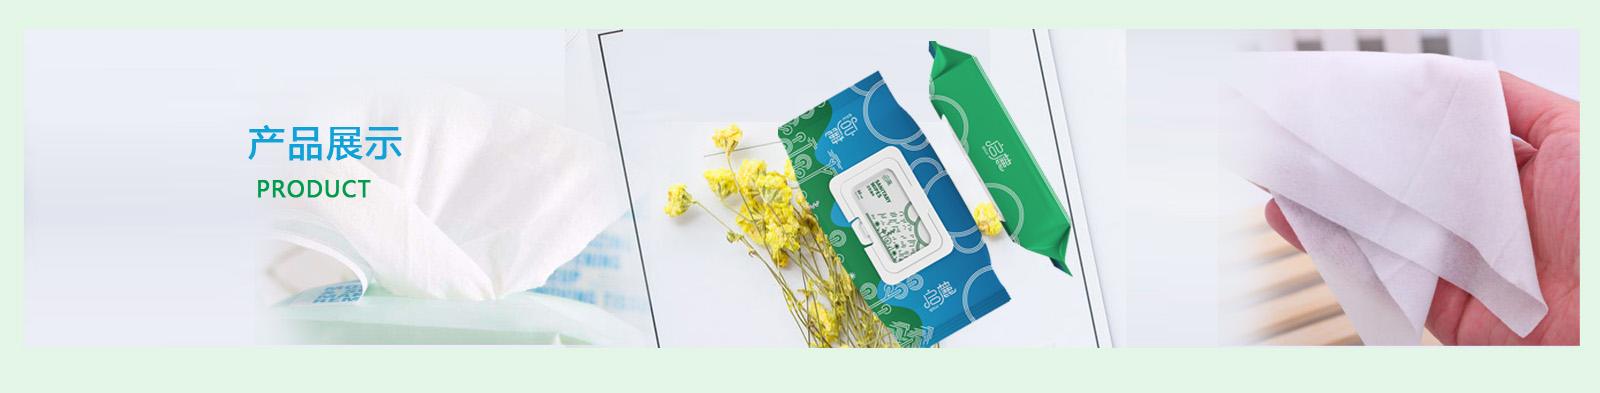 必威竞彩足球|唯一首页产品展示